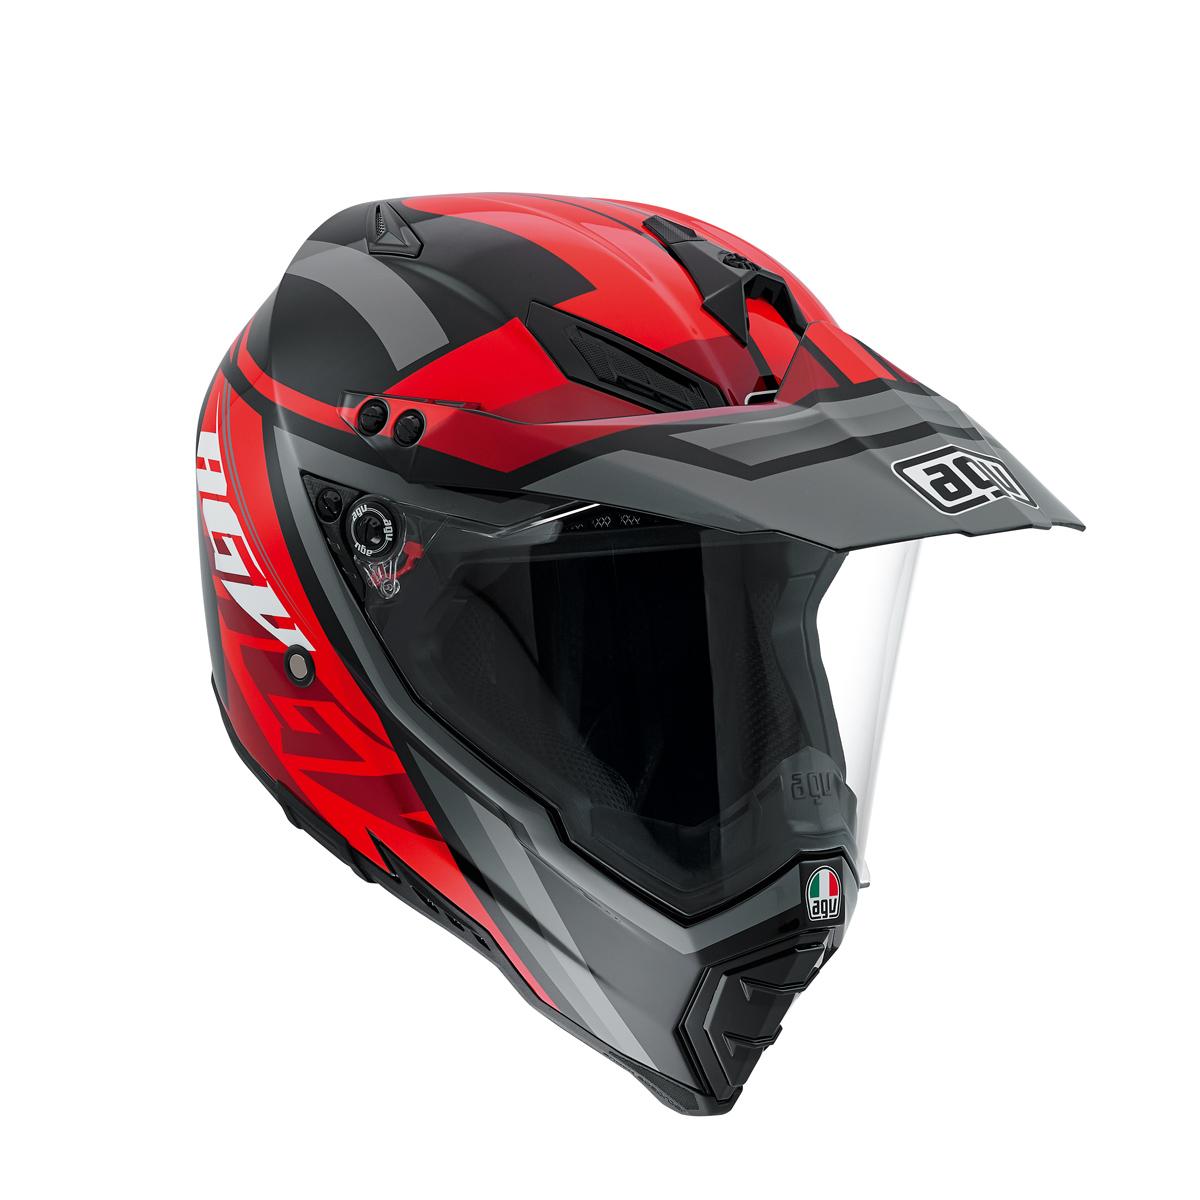 AGV AX-8 Dual Evo Karakum Black/Red Dual Sport Helmet